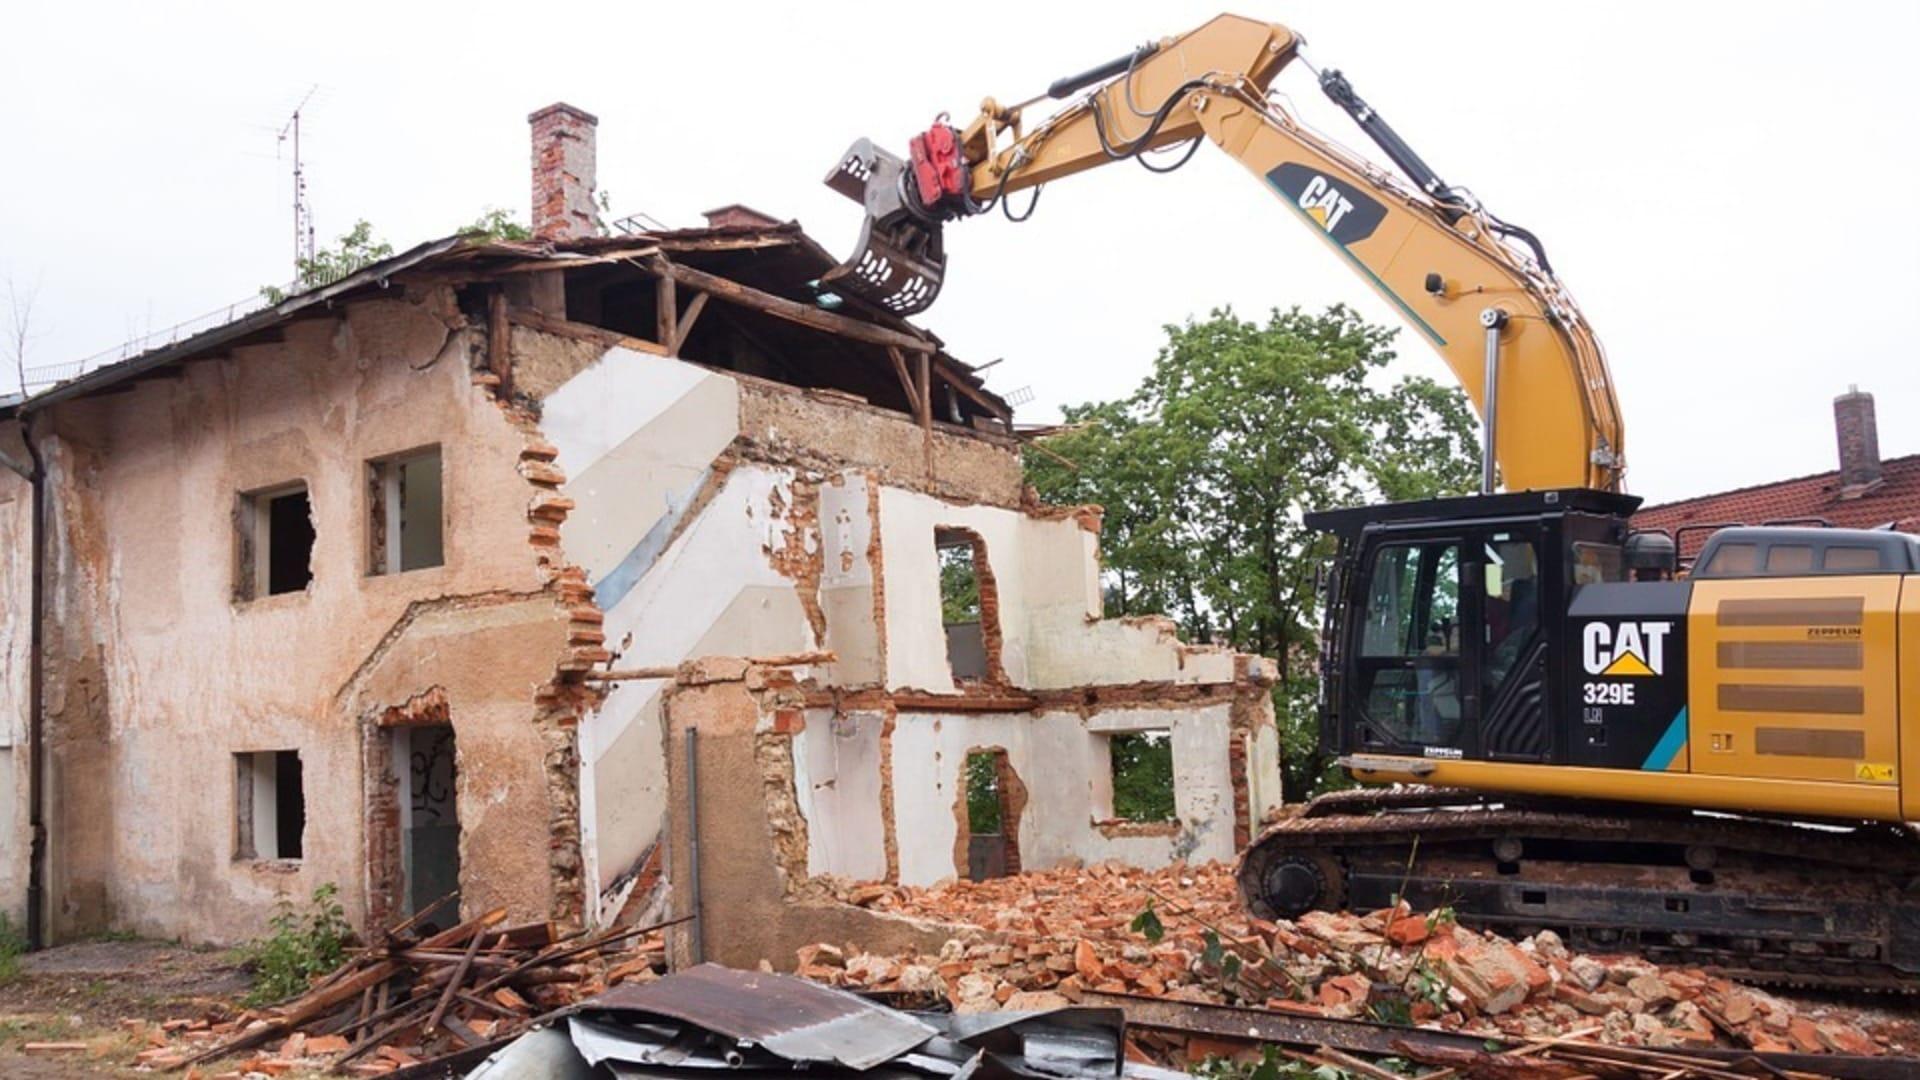 Abbruch-und Abrissarbeiten Bauunternehmer Mönchengladbach